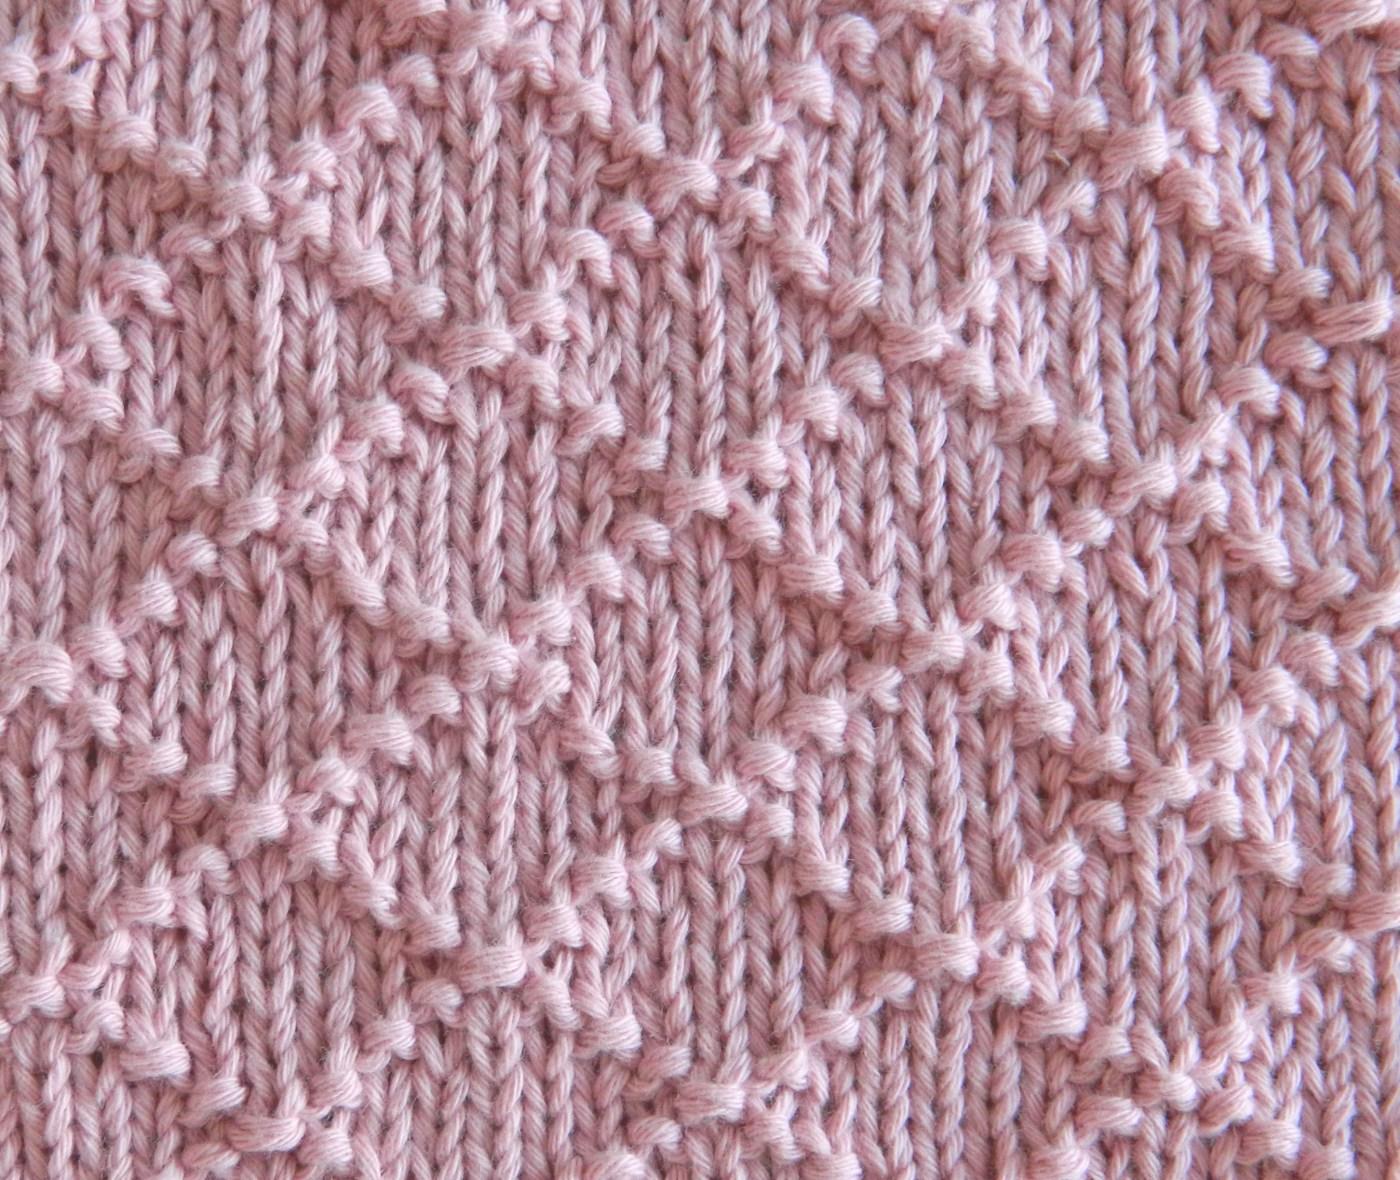 rhombi stitch pattern free dishcloth knitting pattern afghan block knitting pattern